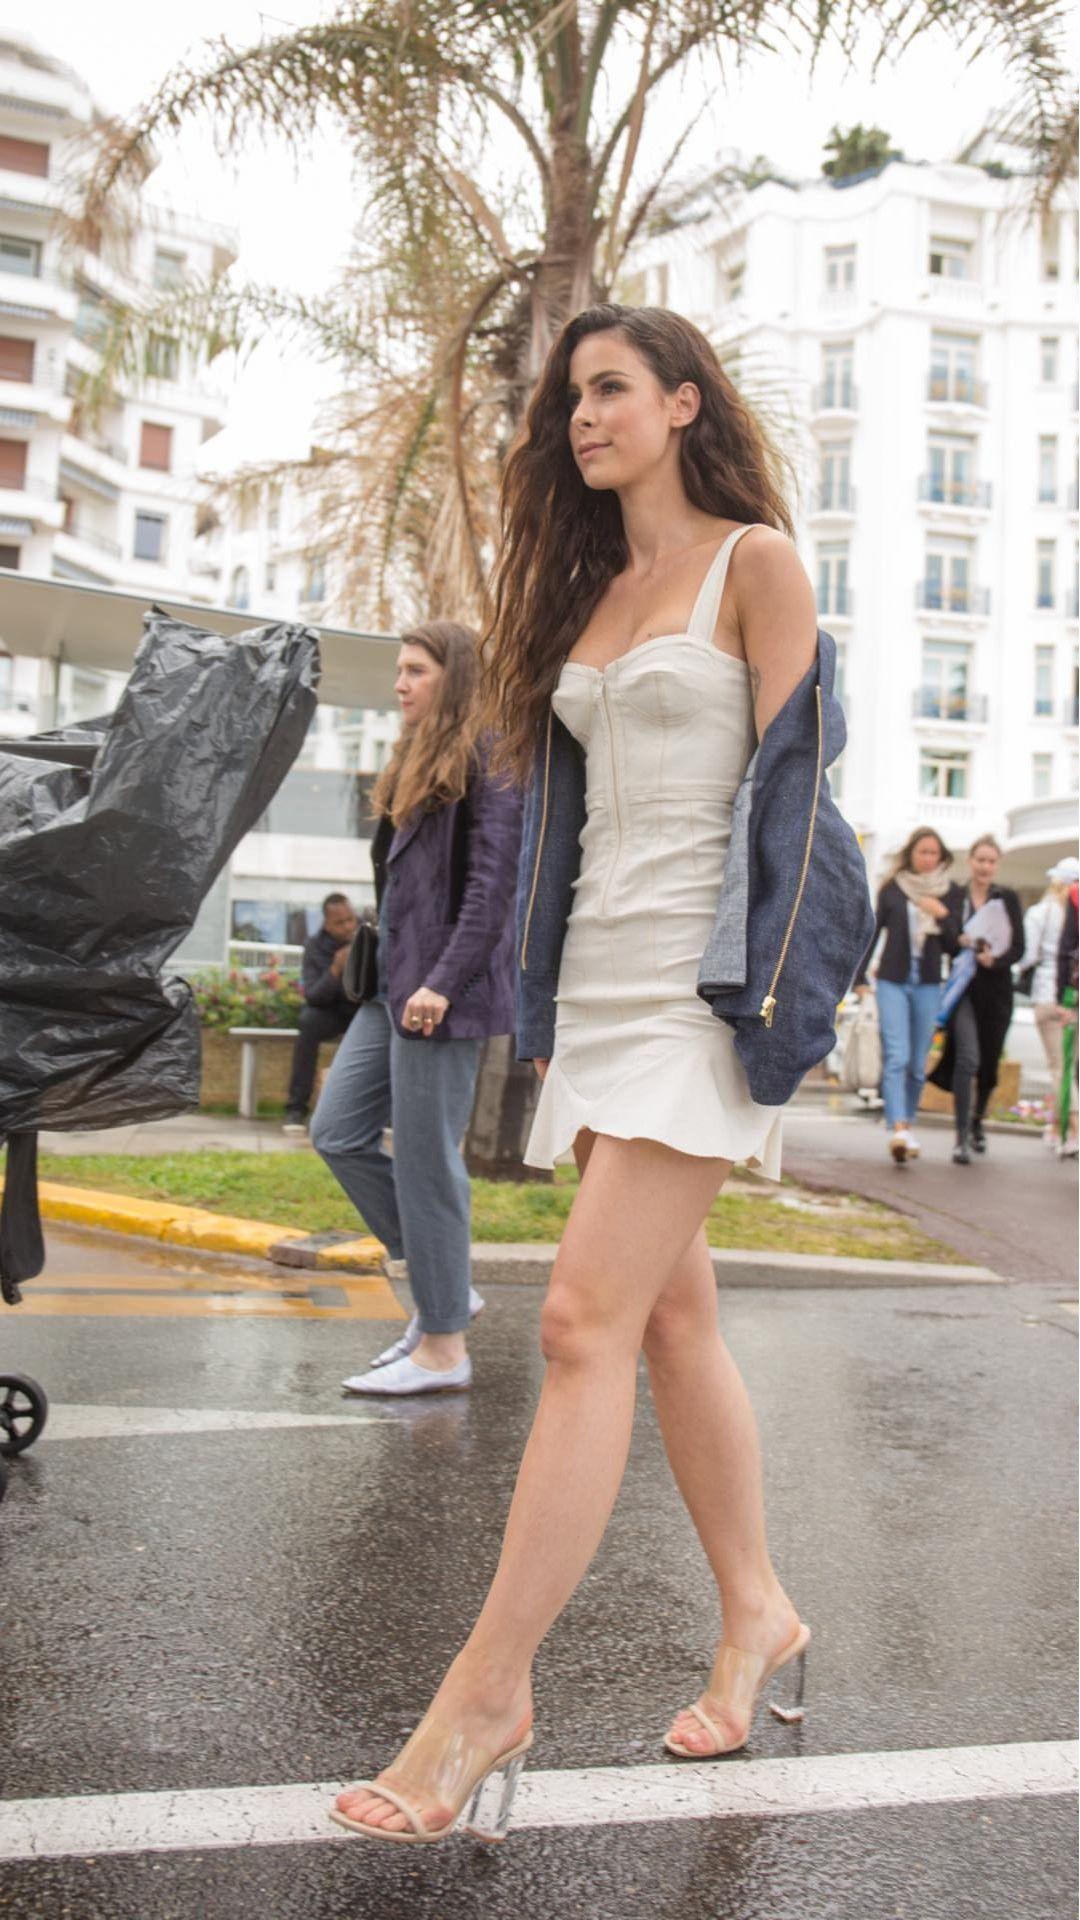 Lena Meyer-Landrut #Cannes2018 | Lena meyer landrut, Lena